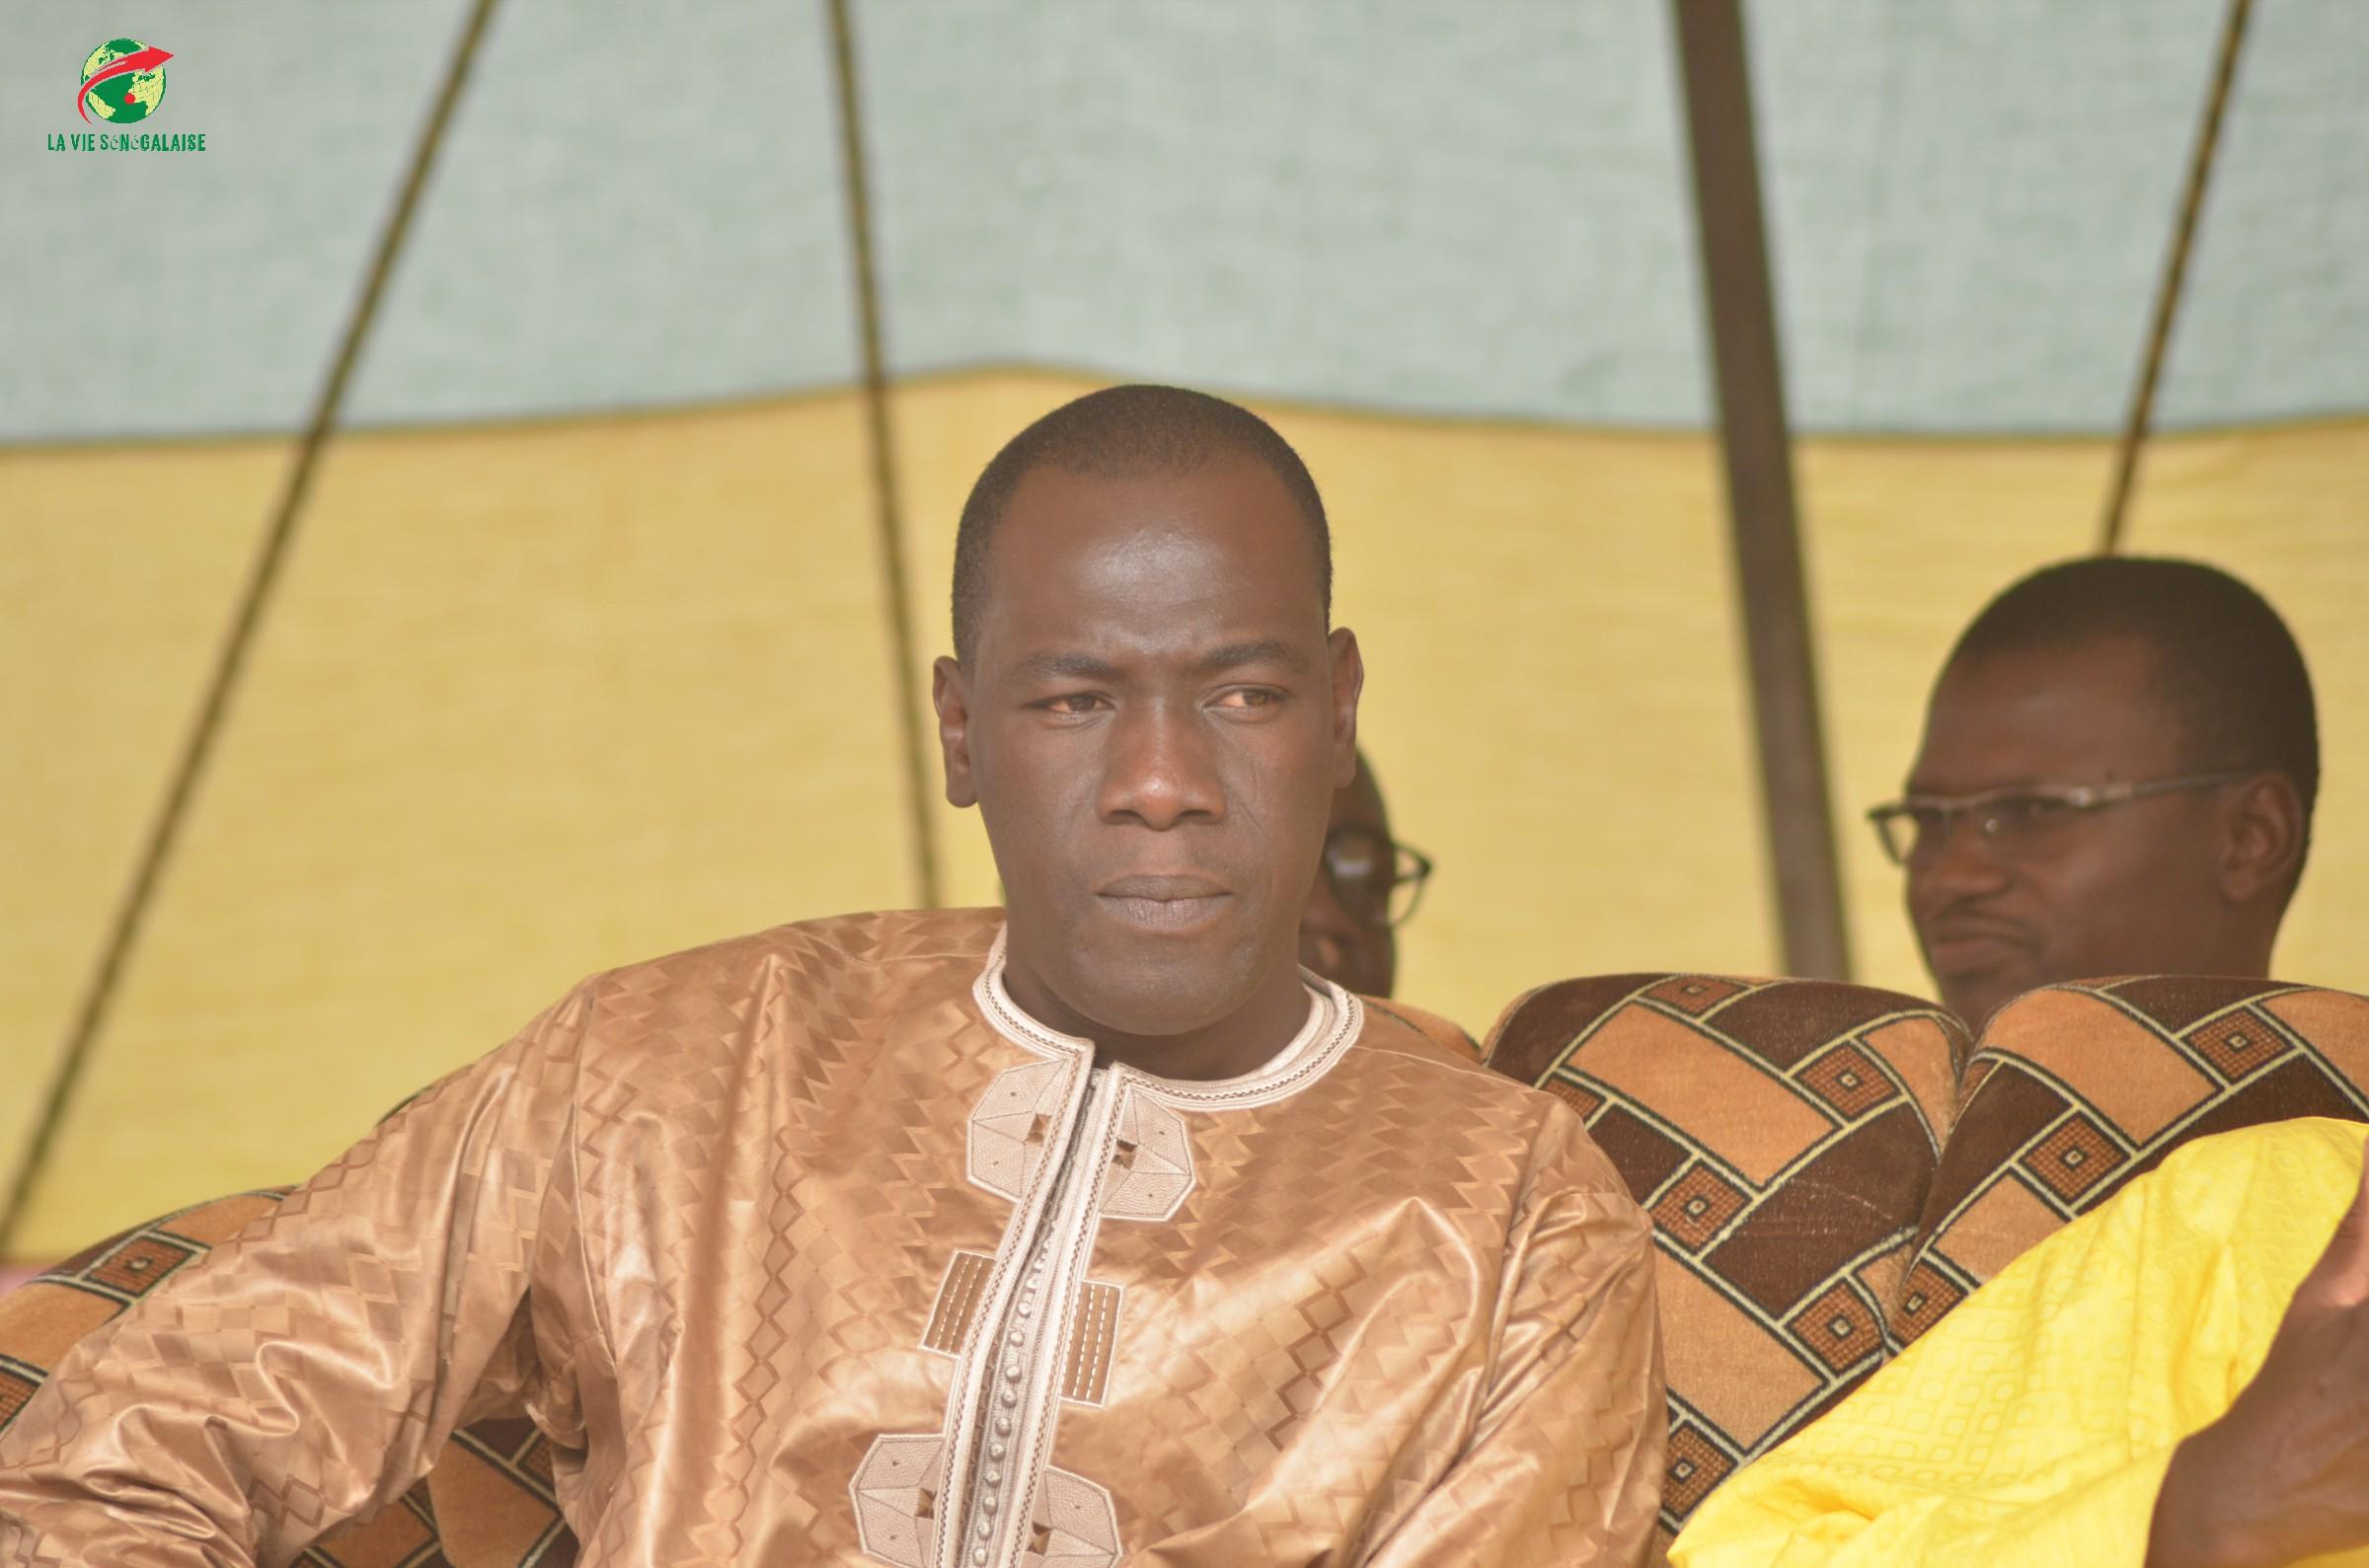 Journées Culturelles Waoundé, Parrain Bakary Biné Camara, Images de laviesenegalaise (5)